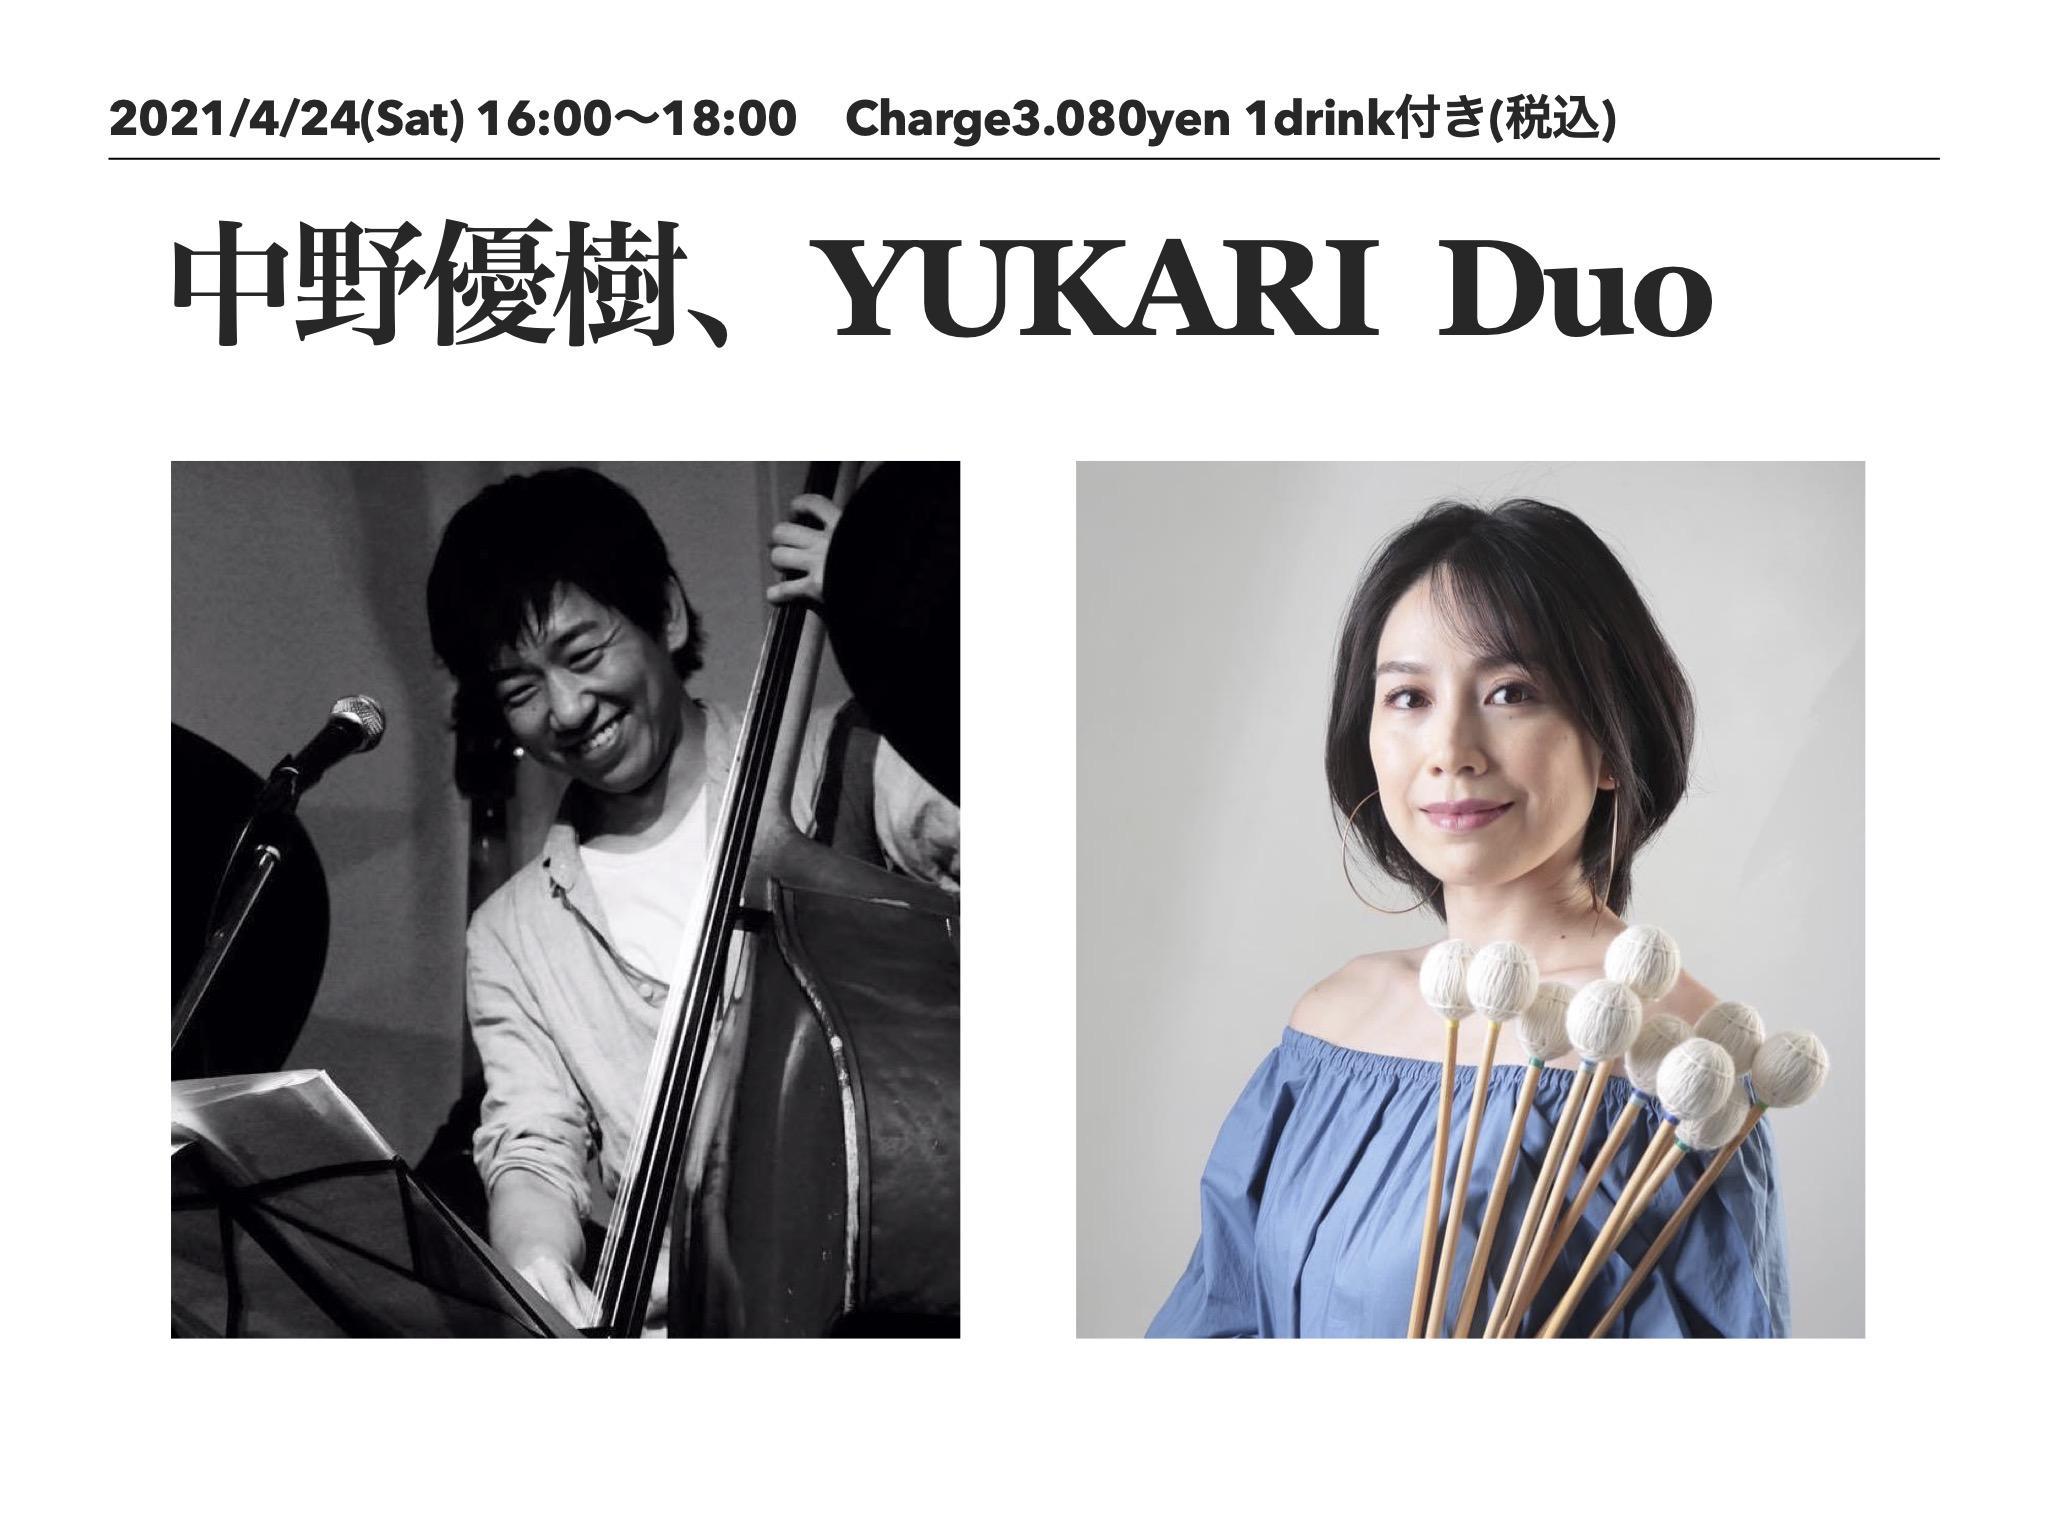 YUKARI、中野優樹 Duo